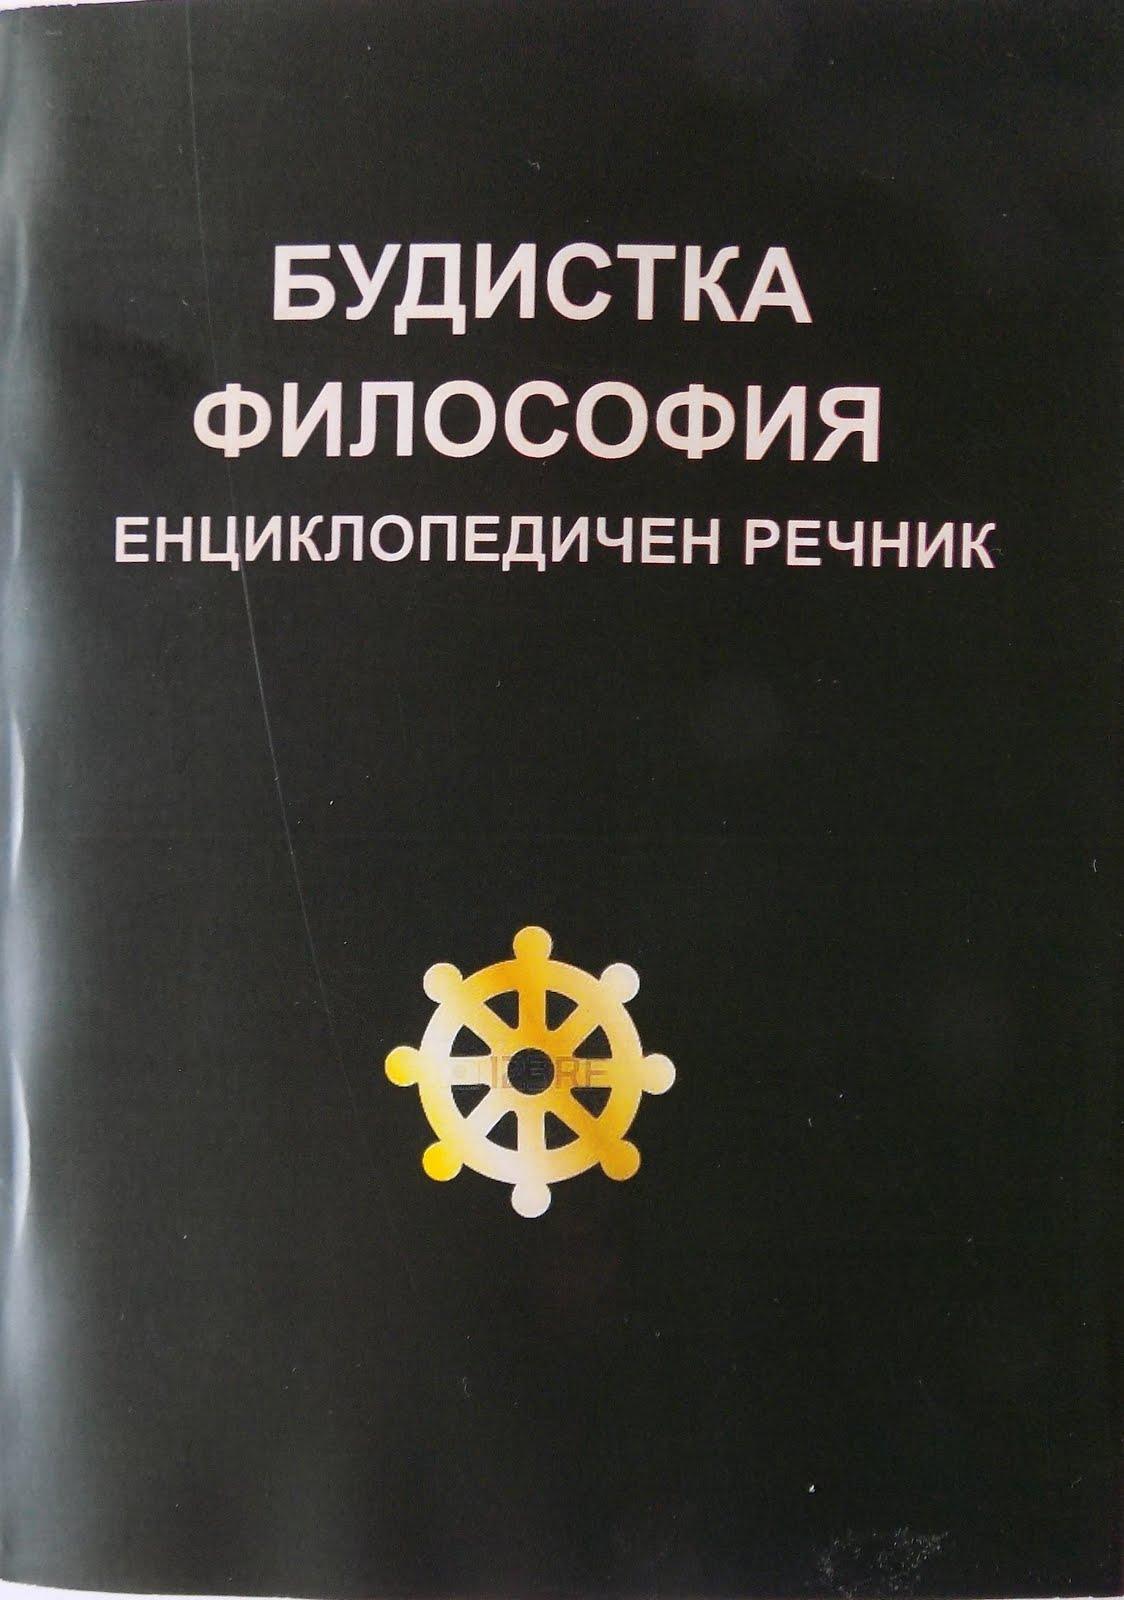 Будистка философия - Енциклопедичен речник